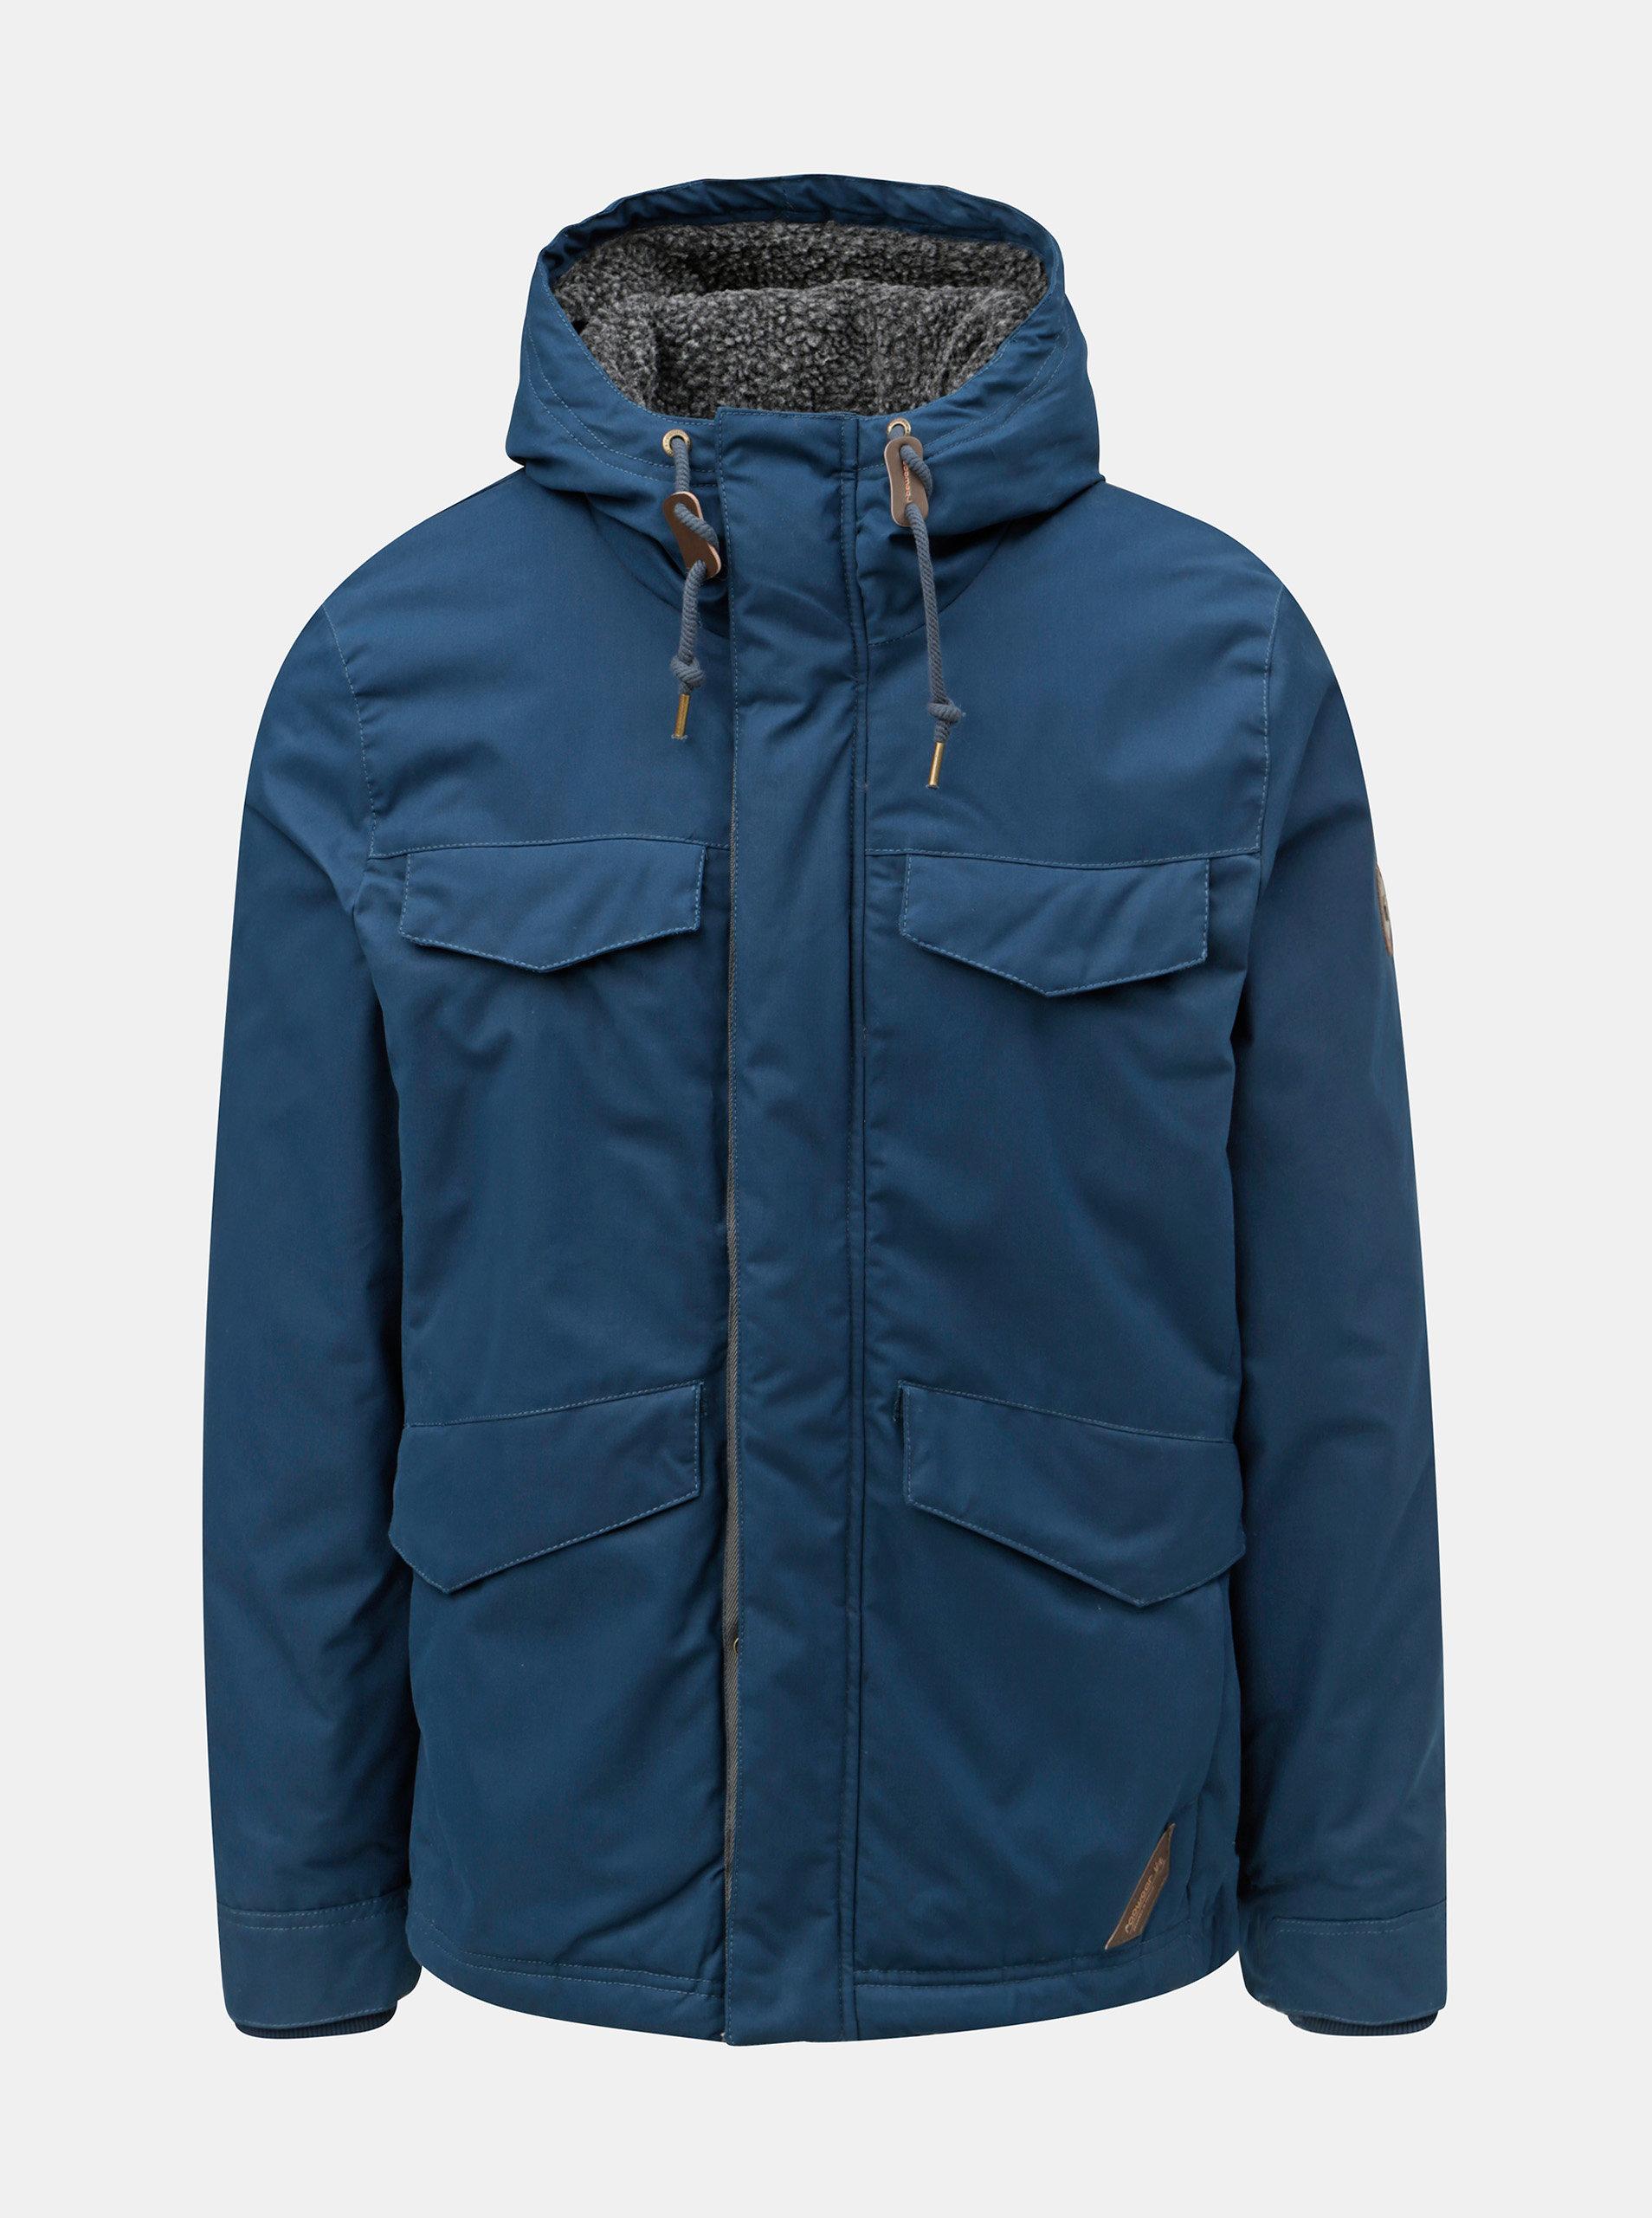 Tmavě modrá pánská zimní bunda s kapucí Ragwear ... dafdc34f2d6